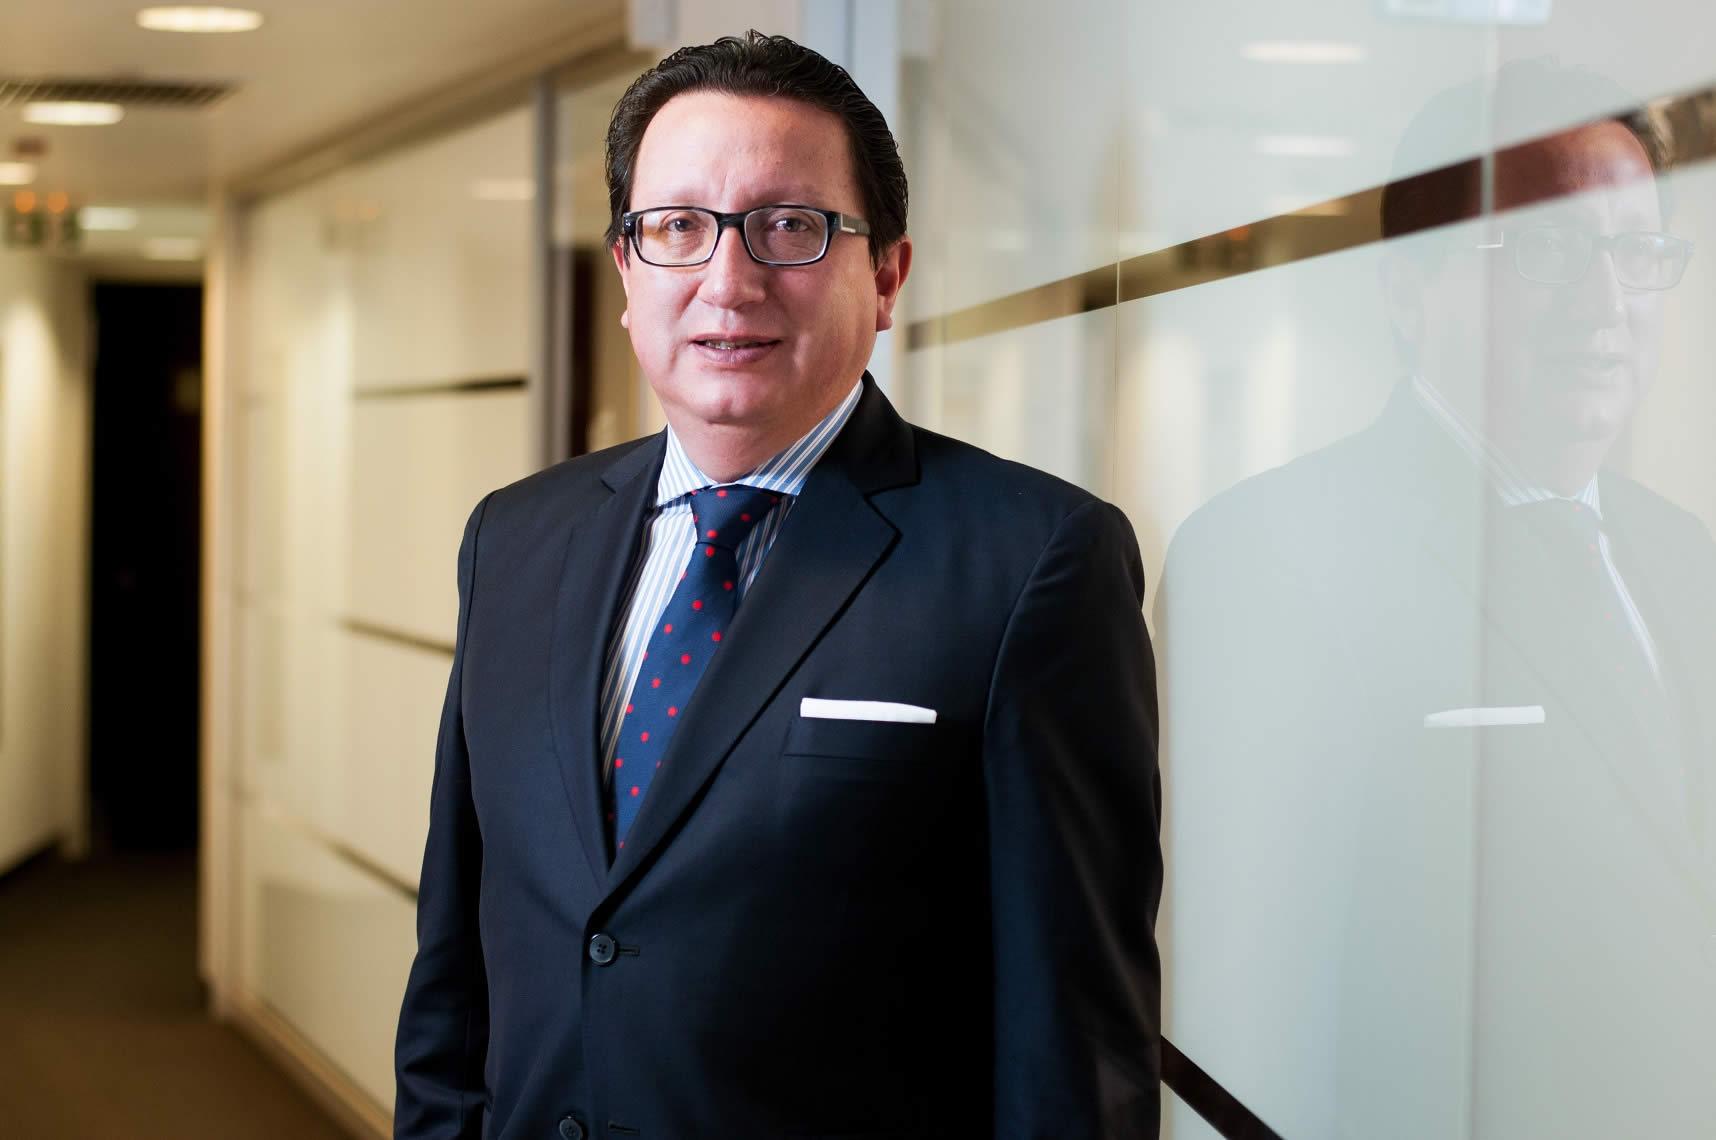 Jaime Gray es designado Co-Chair del Comité de Construcción Internacional de la International Bar Association